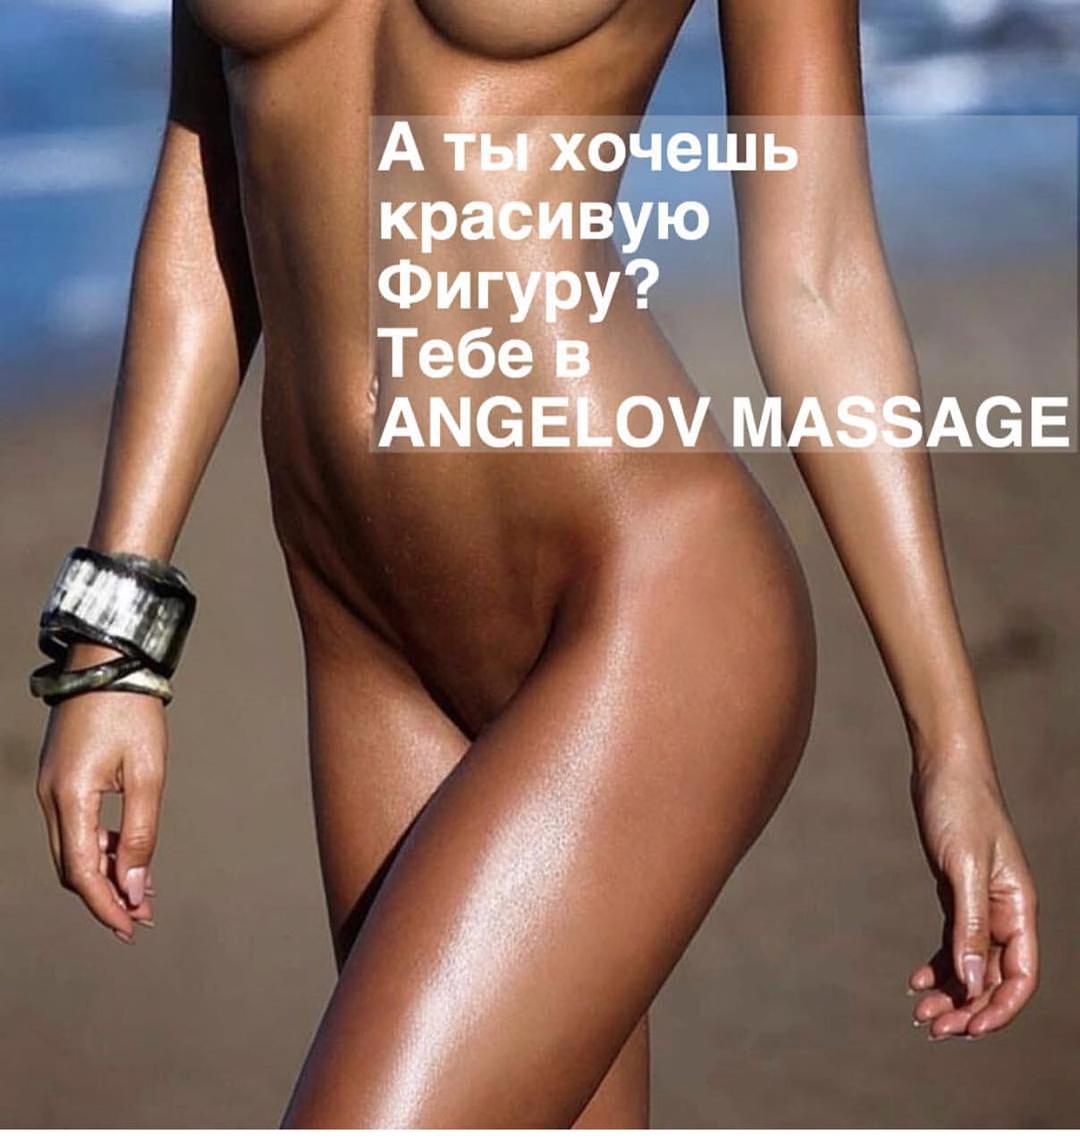 Певица Asti: Краснодар! Девочки! В сезон всемирного похудения,только @angelov_massage_          В студии новейшие аппараты,правильно составленные Курсы коррекции фигуры,и хорошие скидки! Мастера вам подберут  курс коррекции фигуры,который состоит из кавитации,...